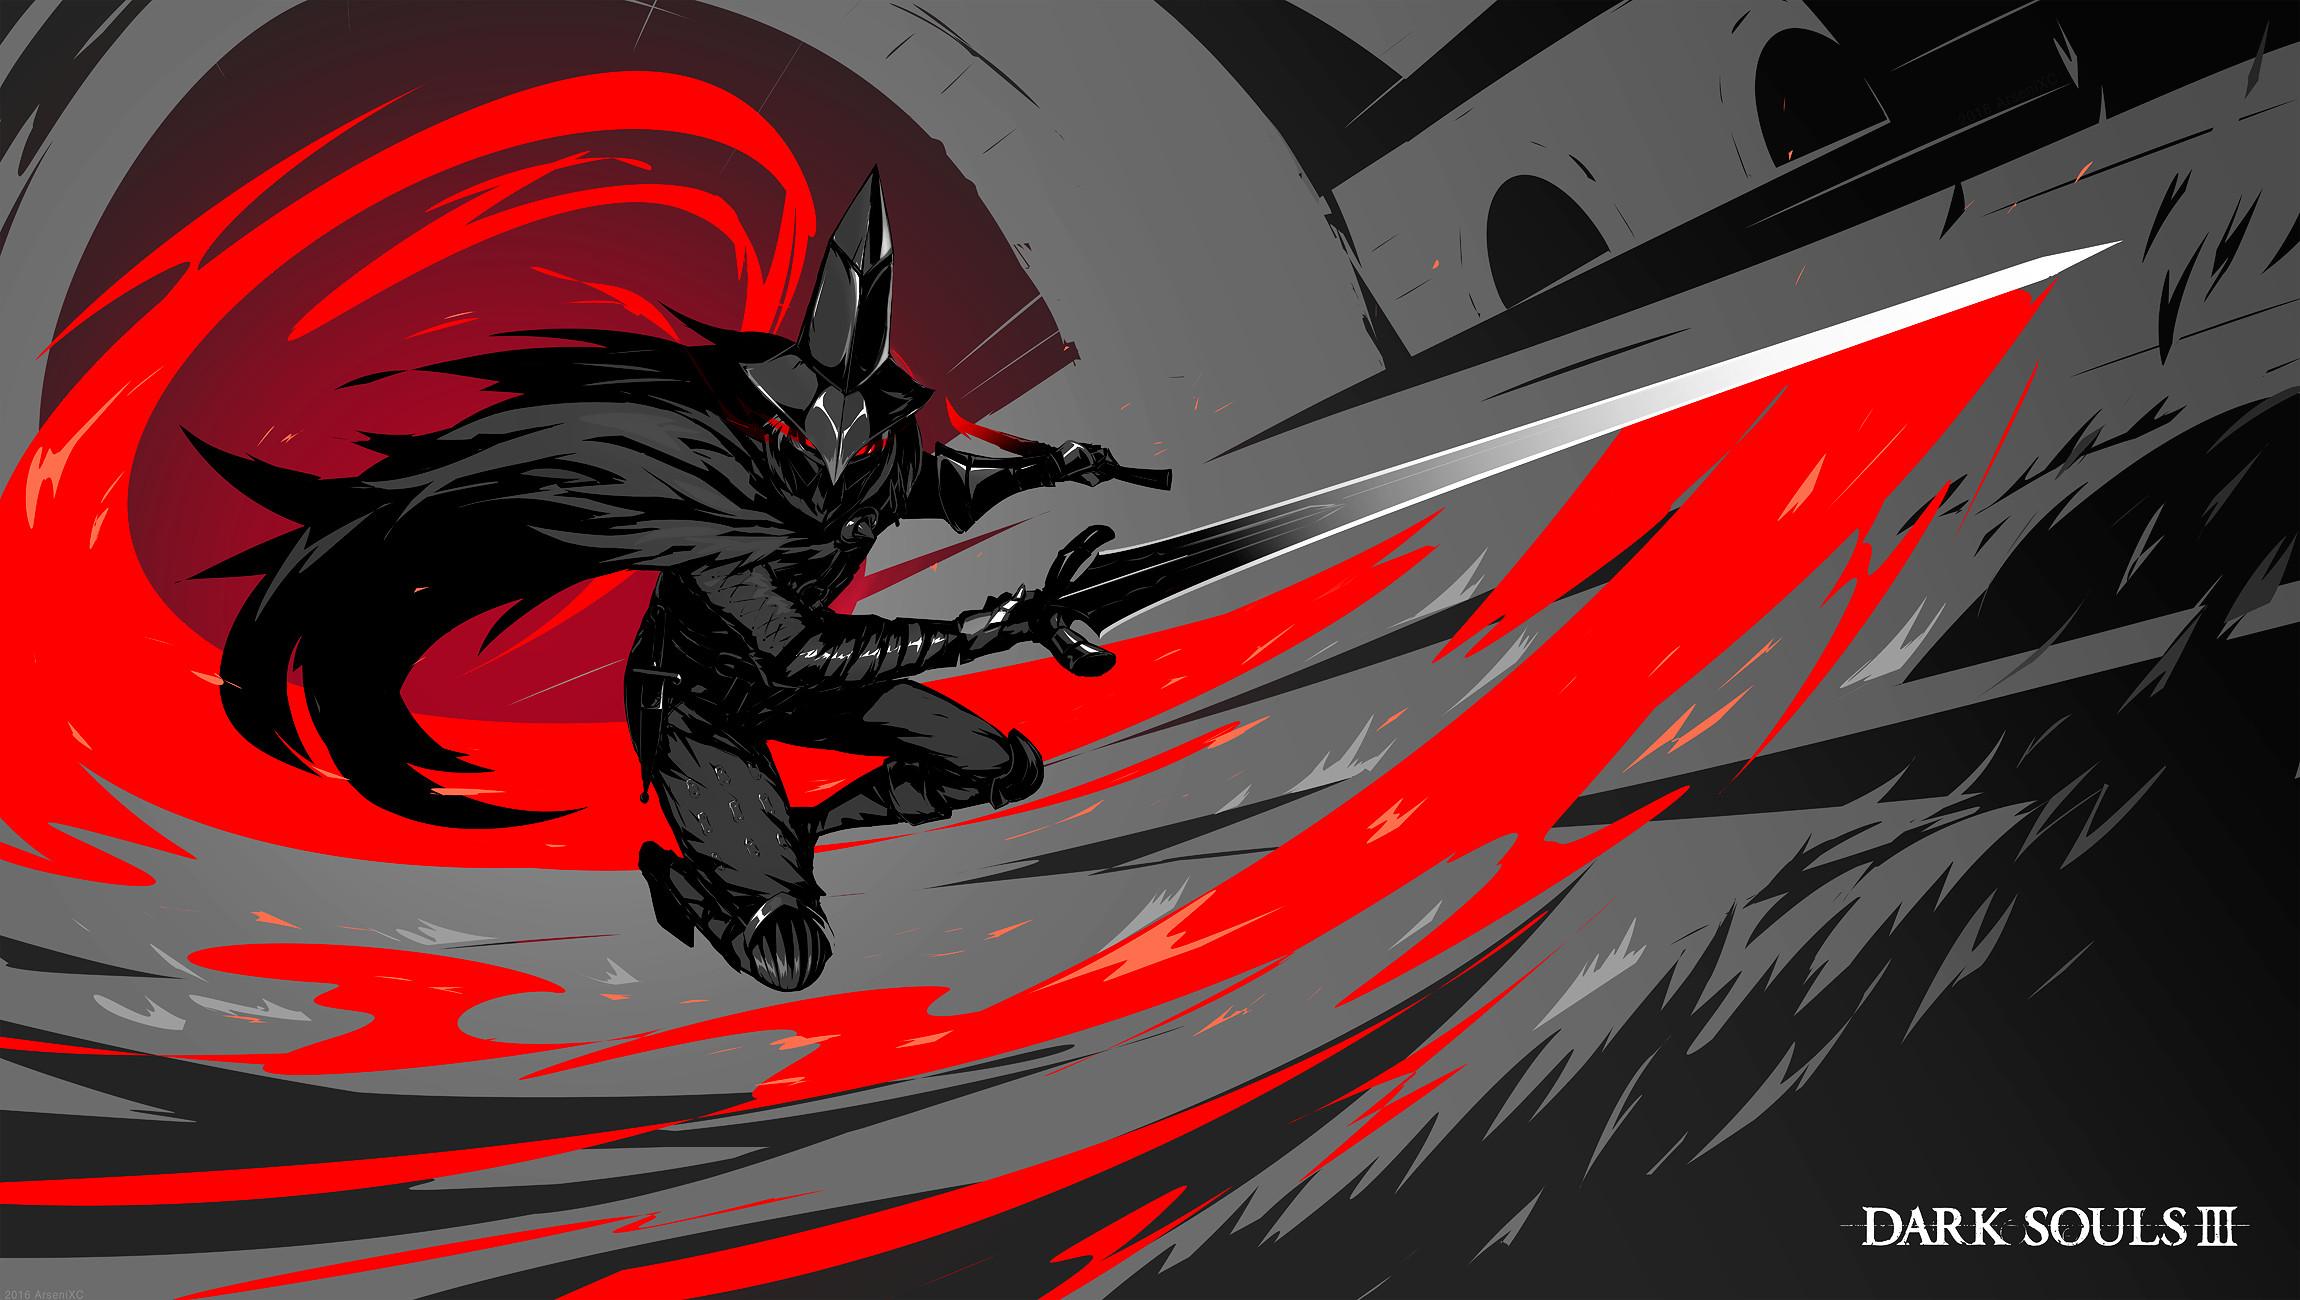 2300x1300 Tags Dark Souls 3 Abyss Watchers Boss Art 2300x1300 Wallpaper Teahub Io